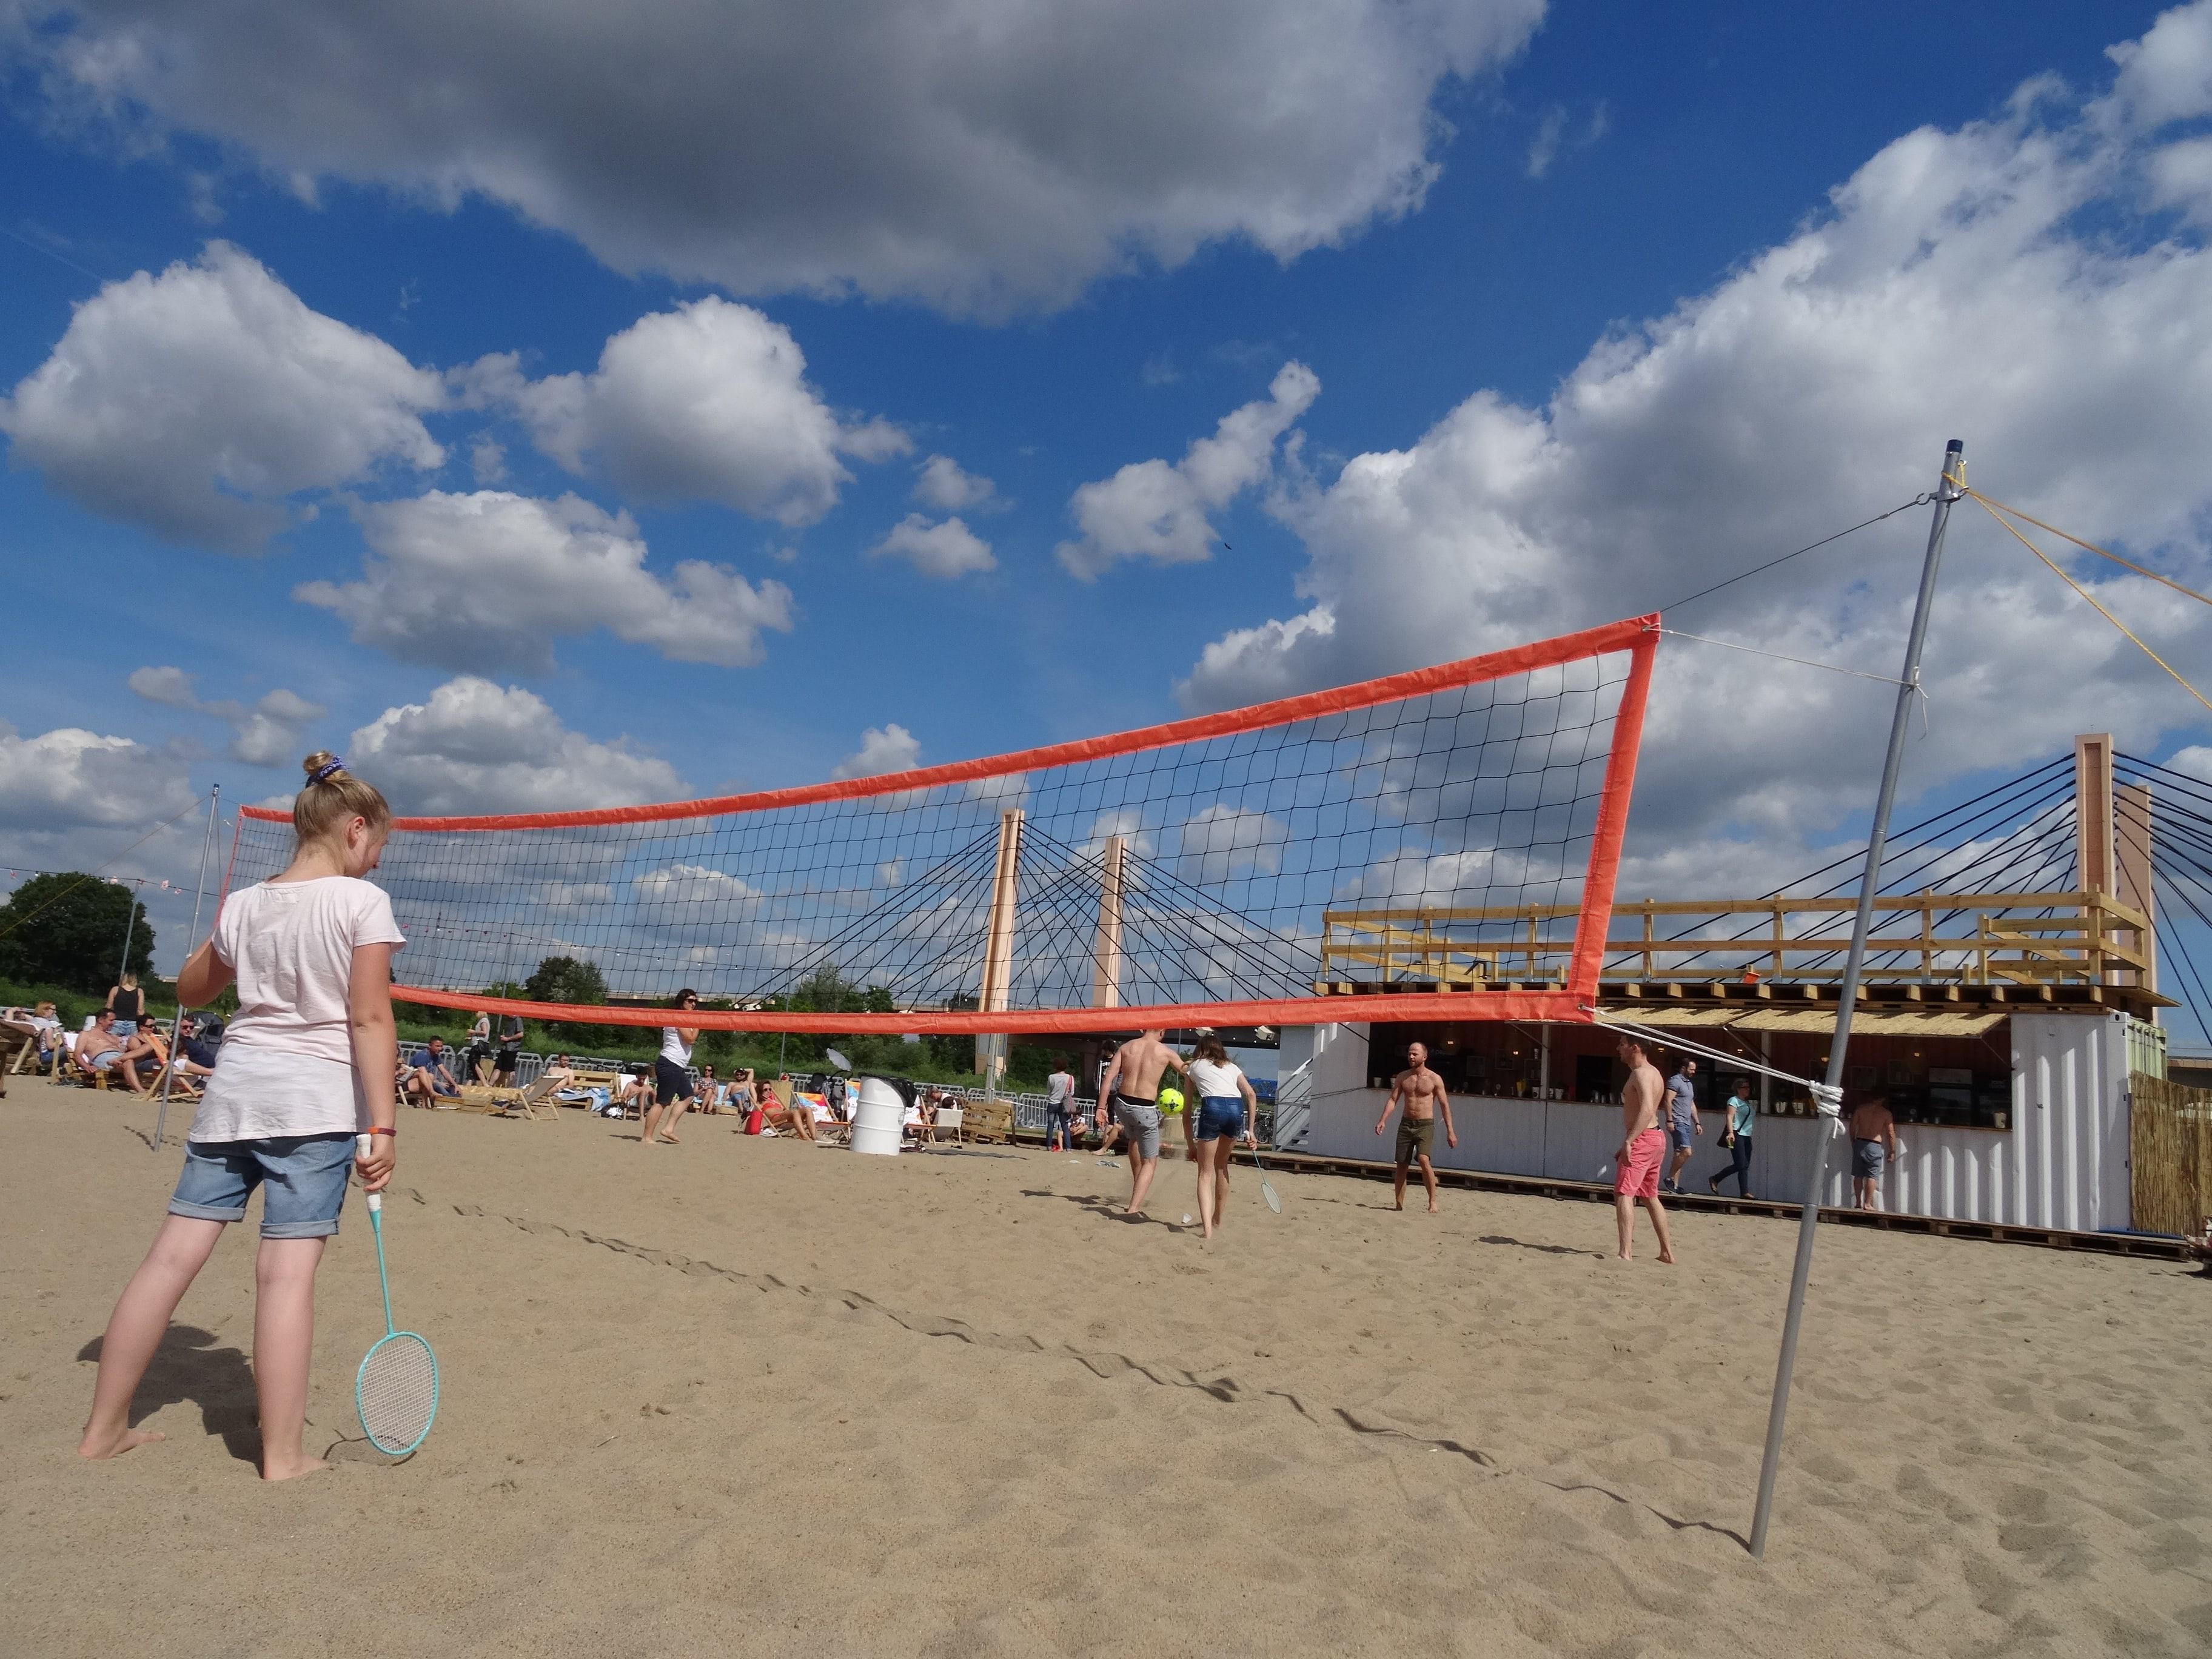 HotSpot Wrocław plaża miejsk boisko do siatkówki